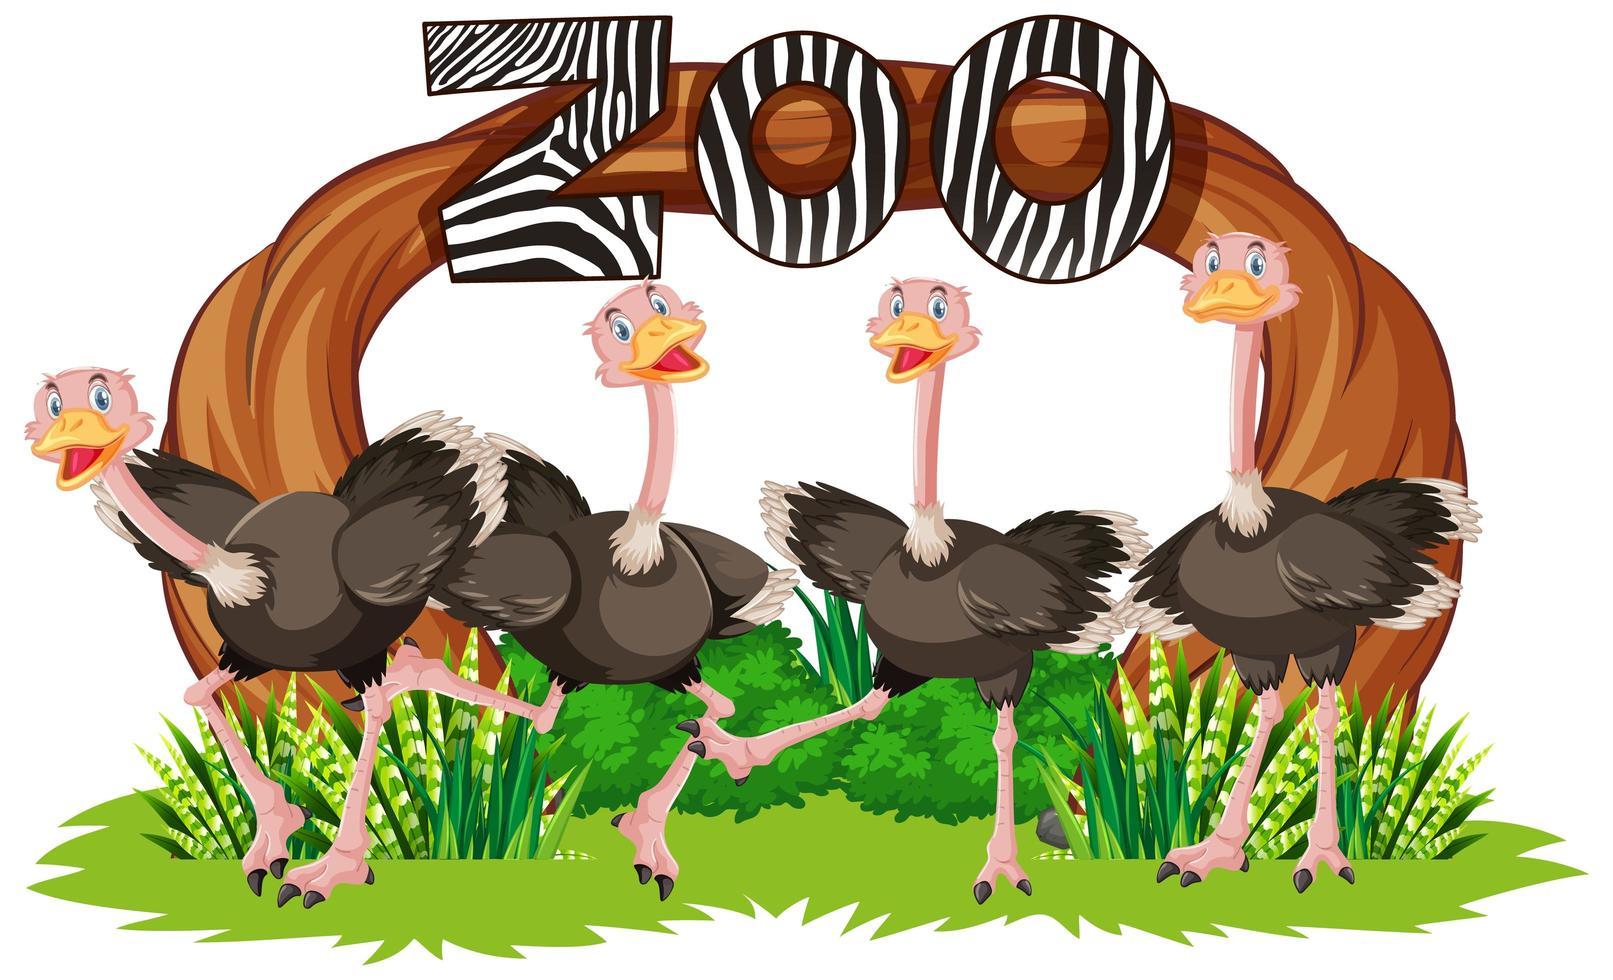 struisvogel voor dierentuinbanner vector